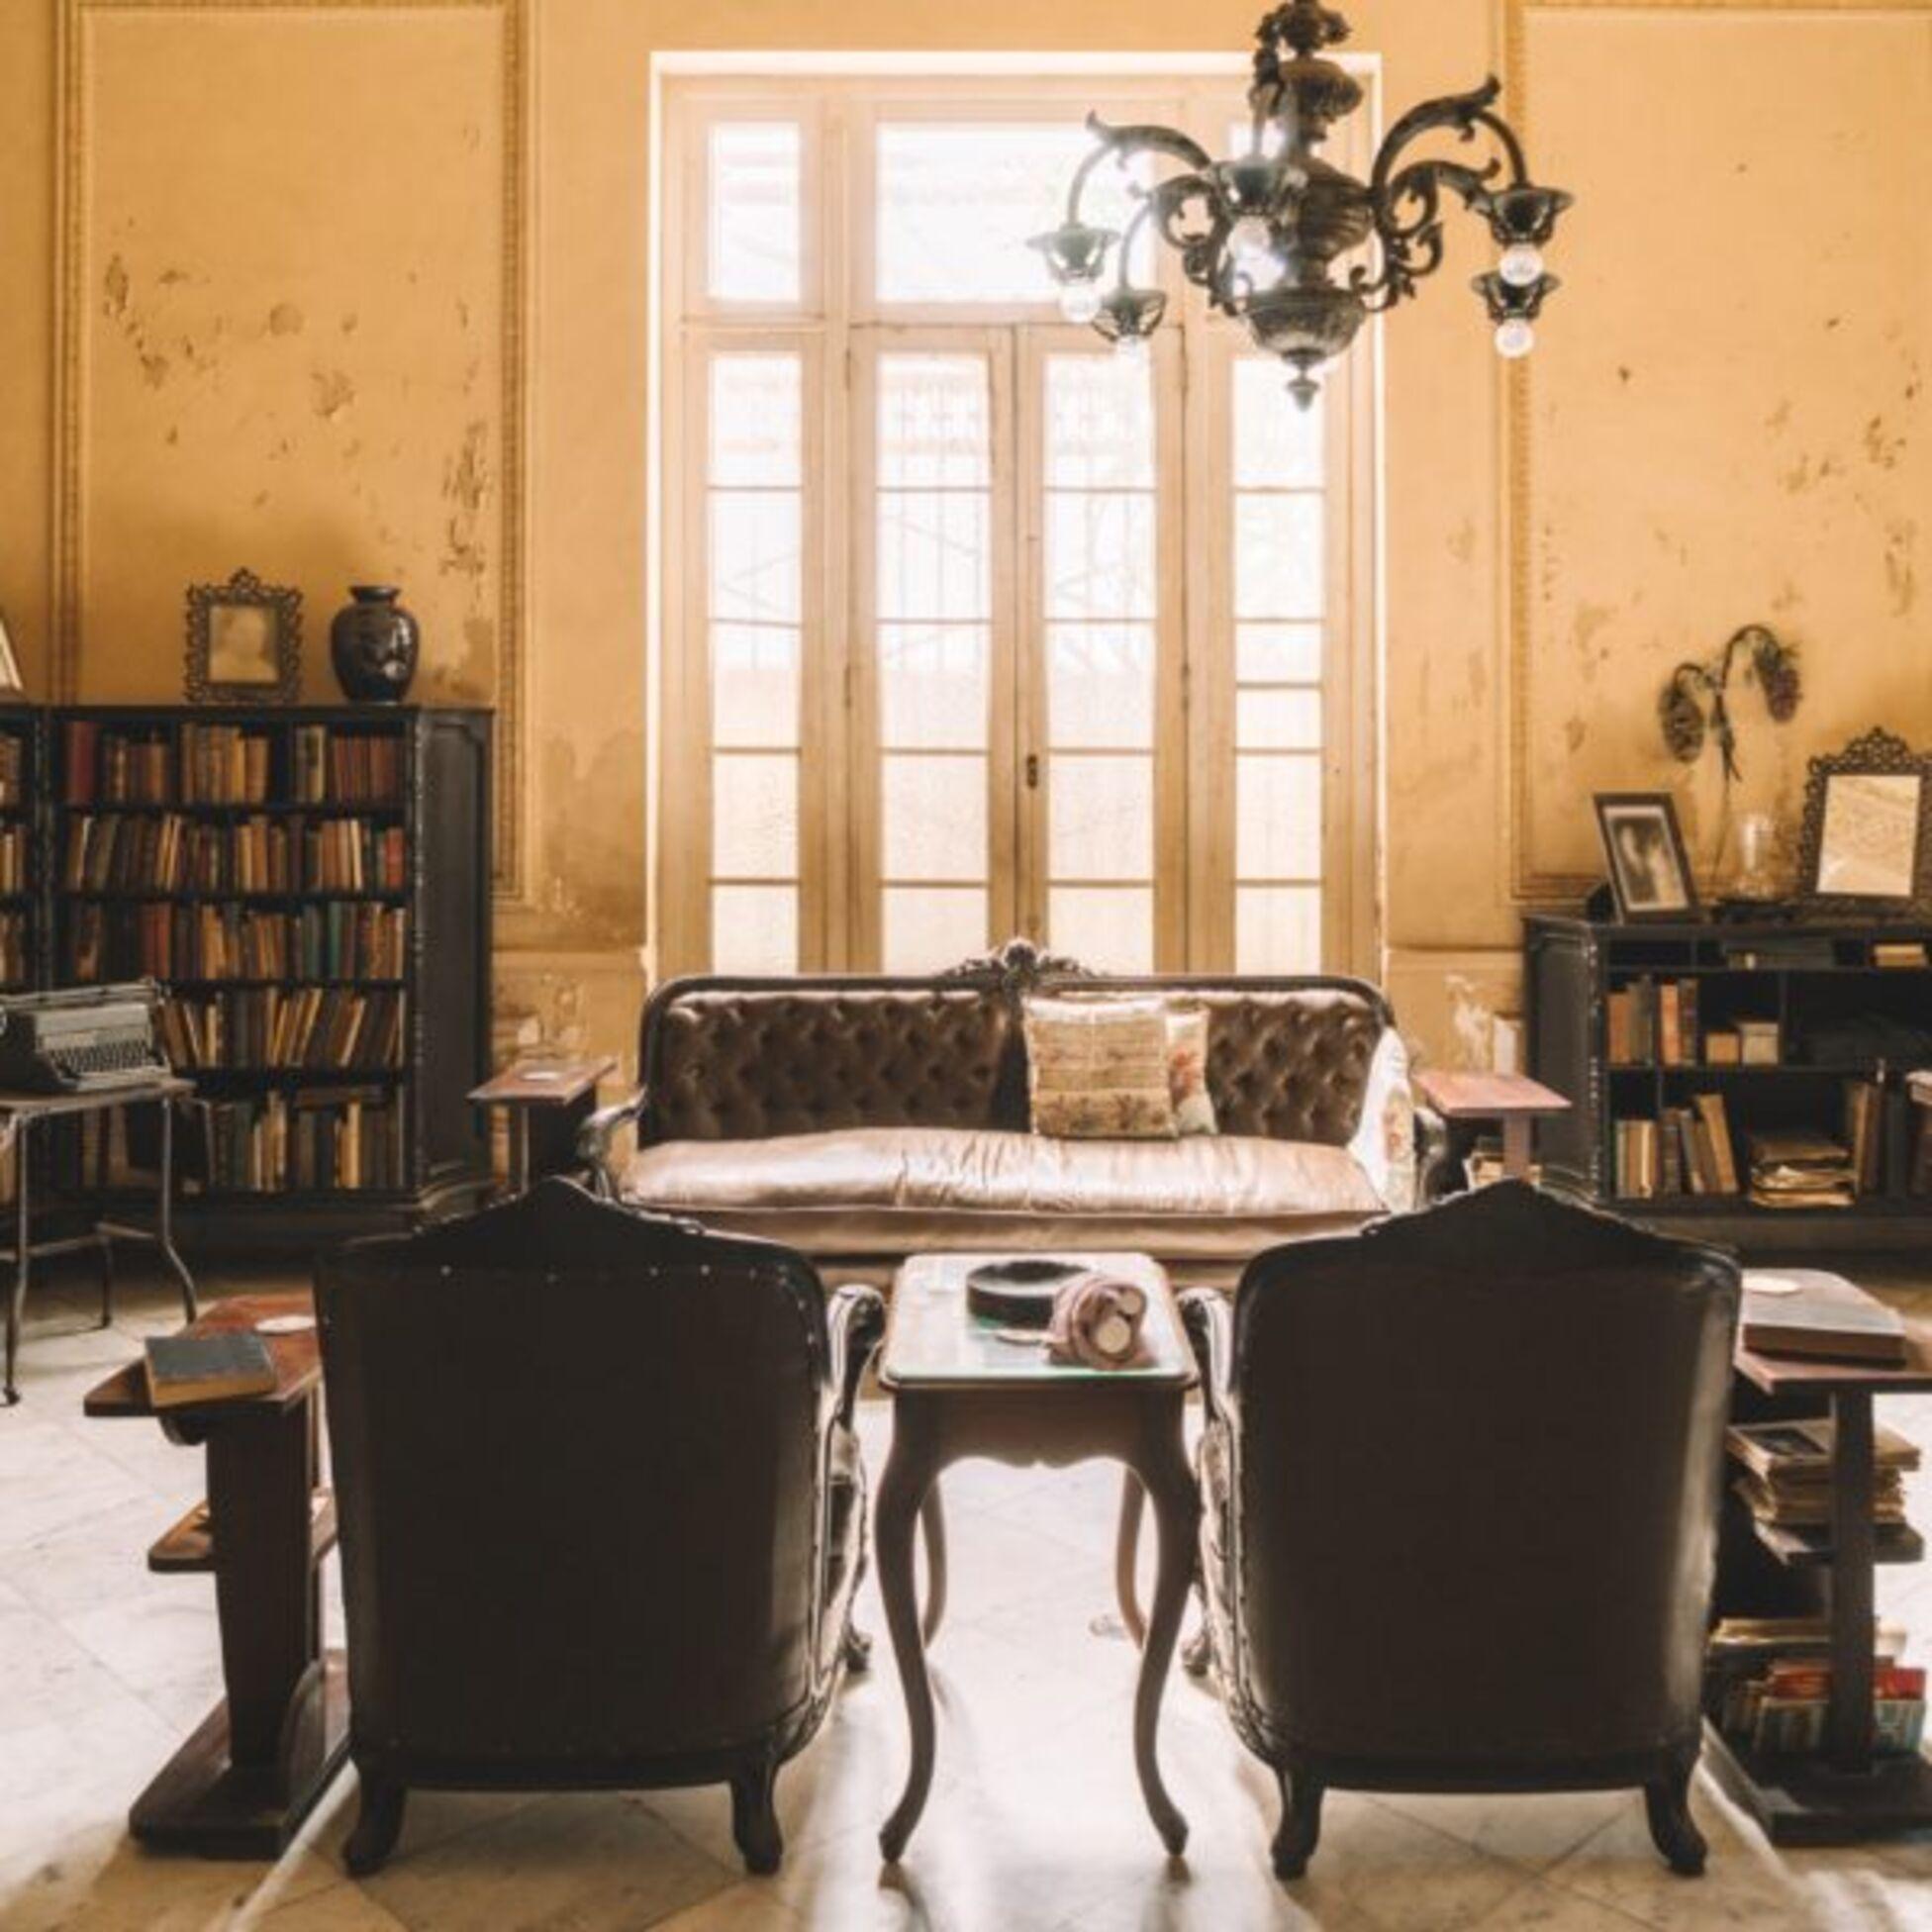 Altbauwohnung einrichten: 6 inspirierende Tipps